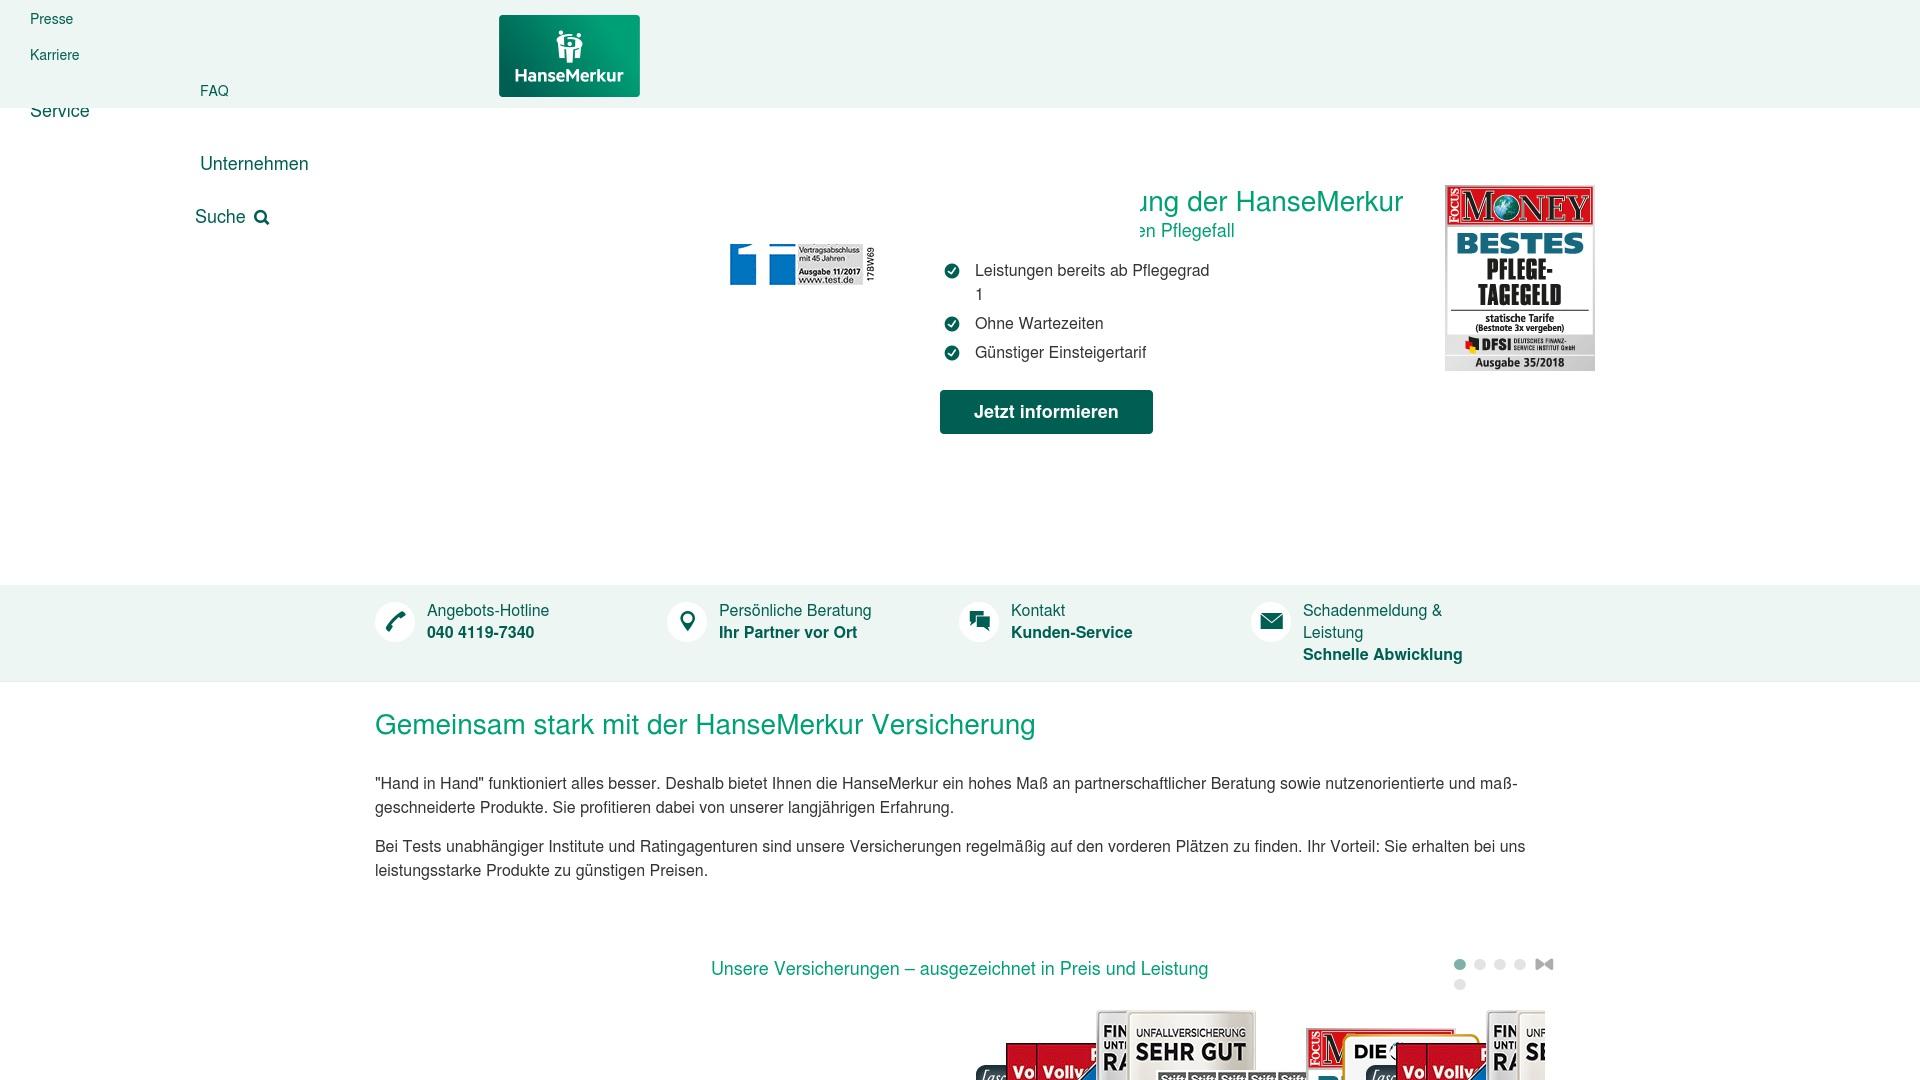 Gutschein für Hansemerkur: Rabatte für  Hansemerkur sichern